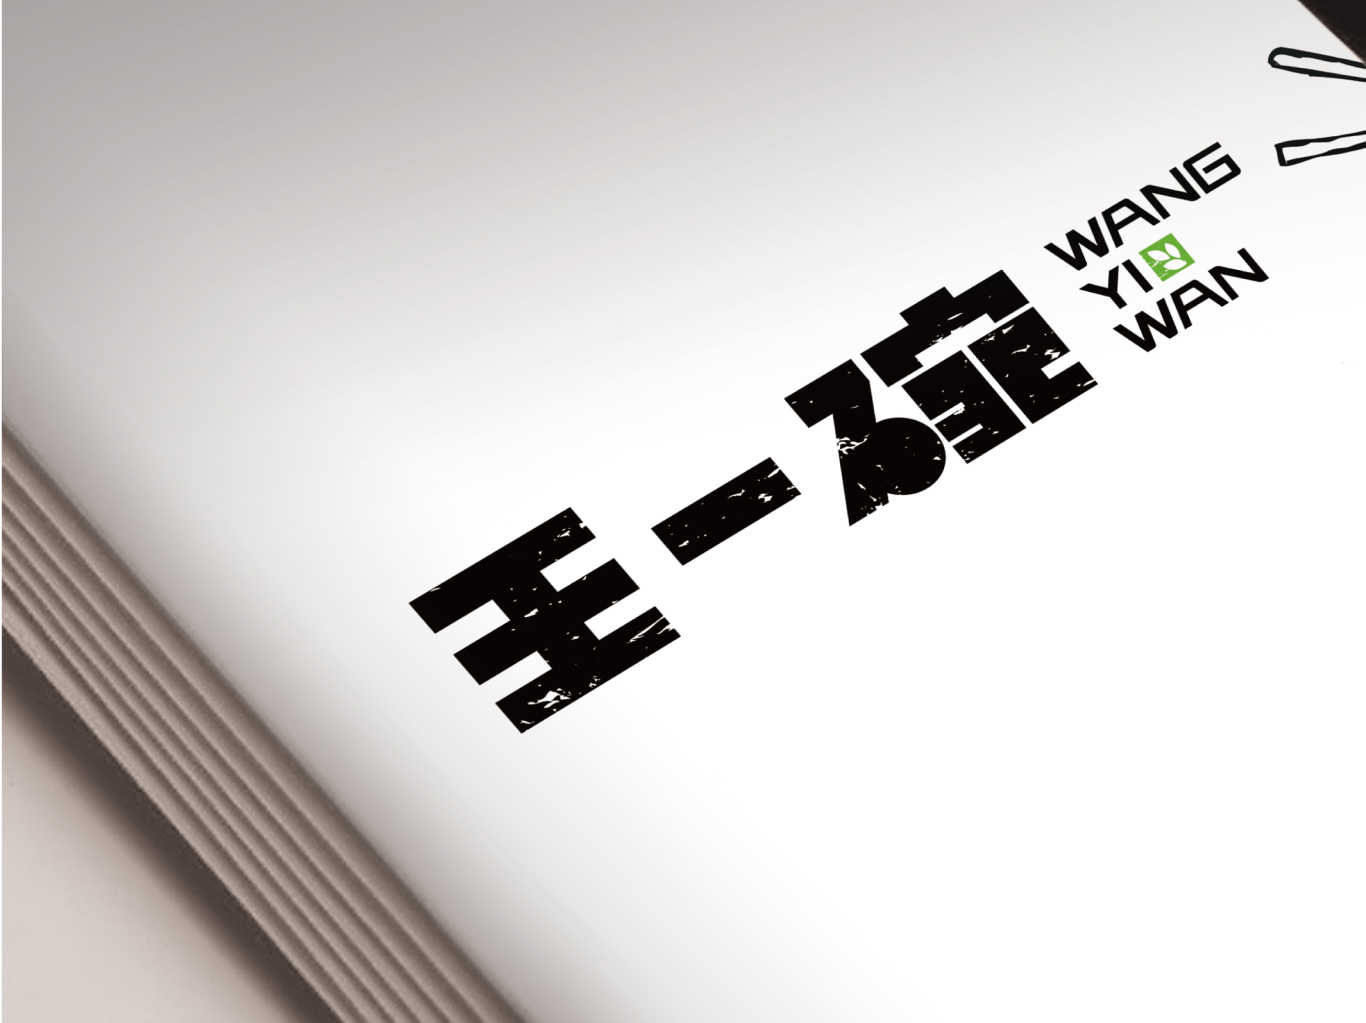 食品 logo vi设计图11